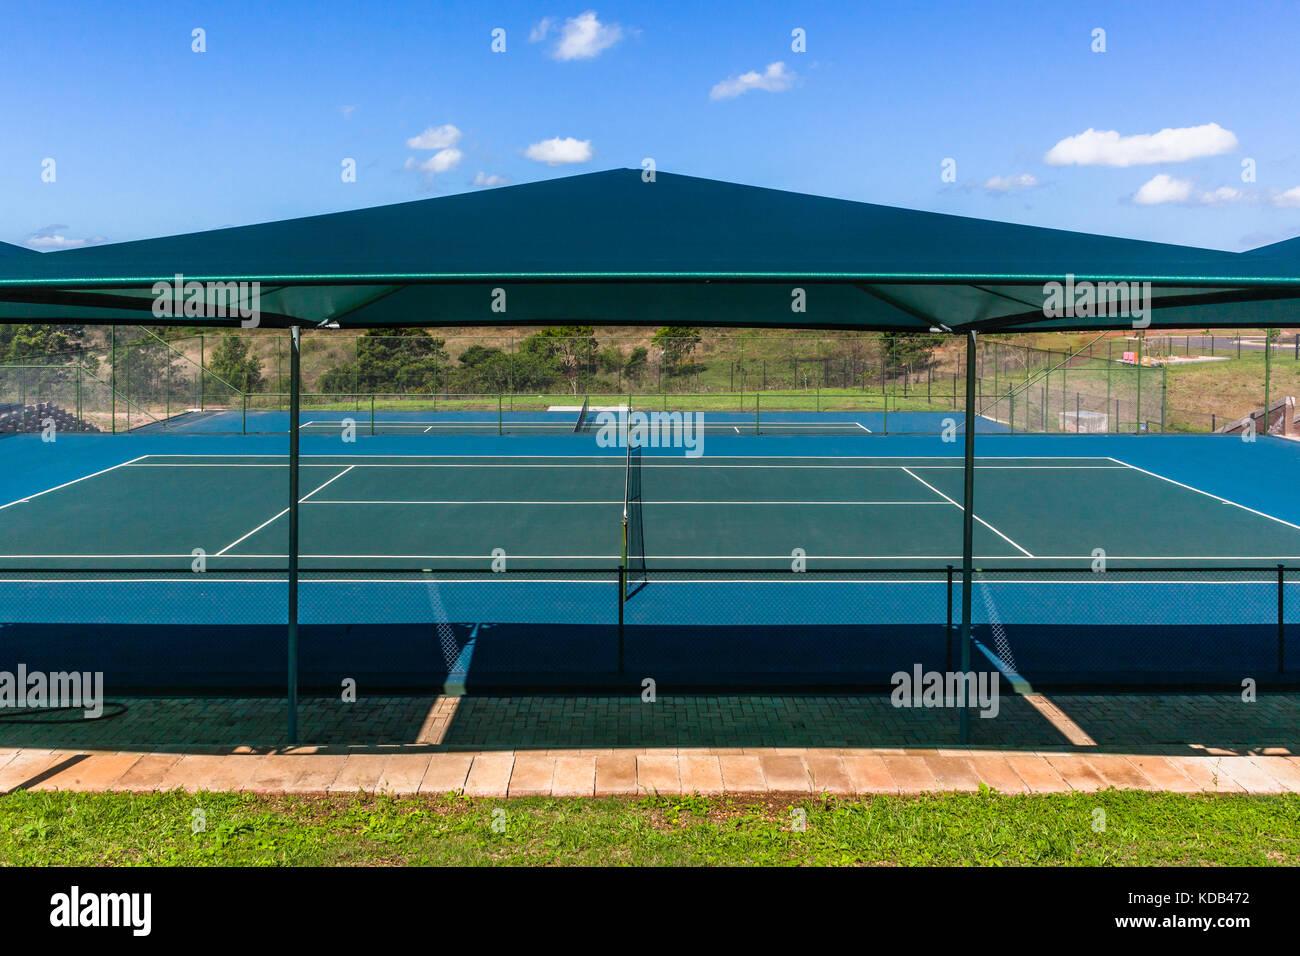 Tennis Courts Miami South Beach Florida